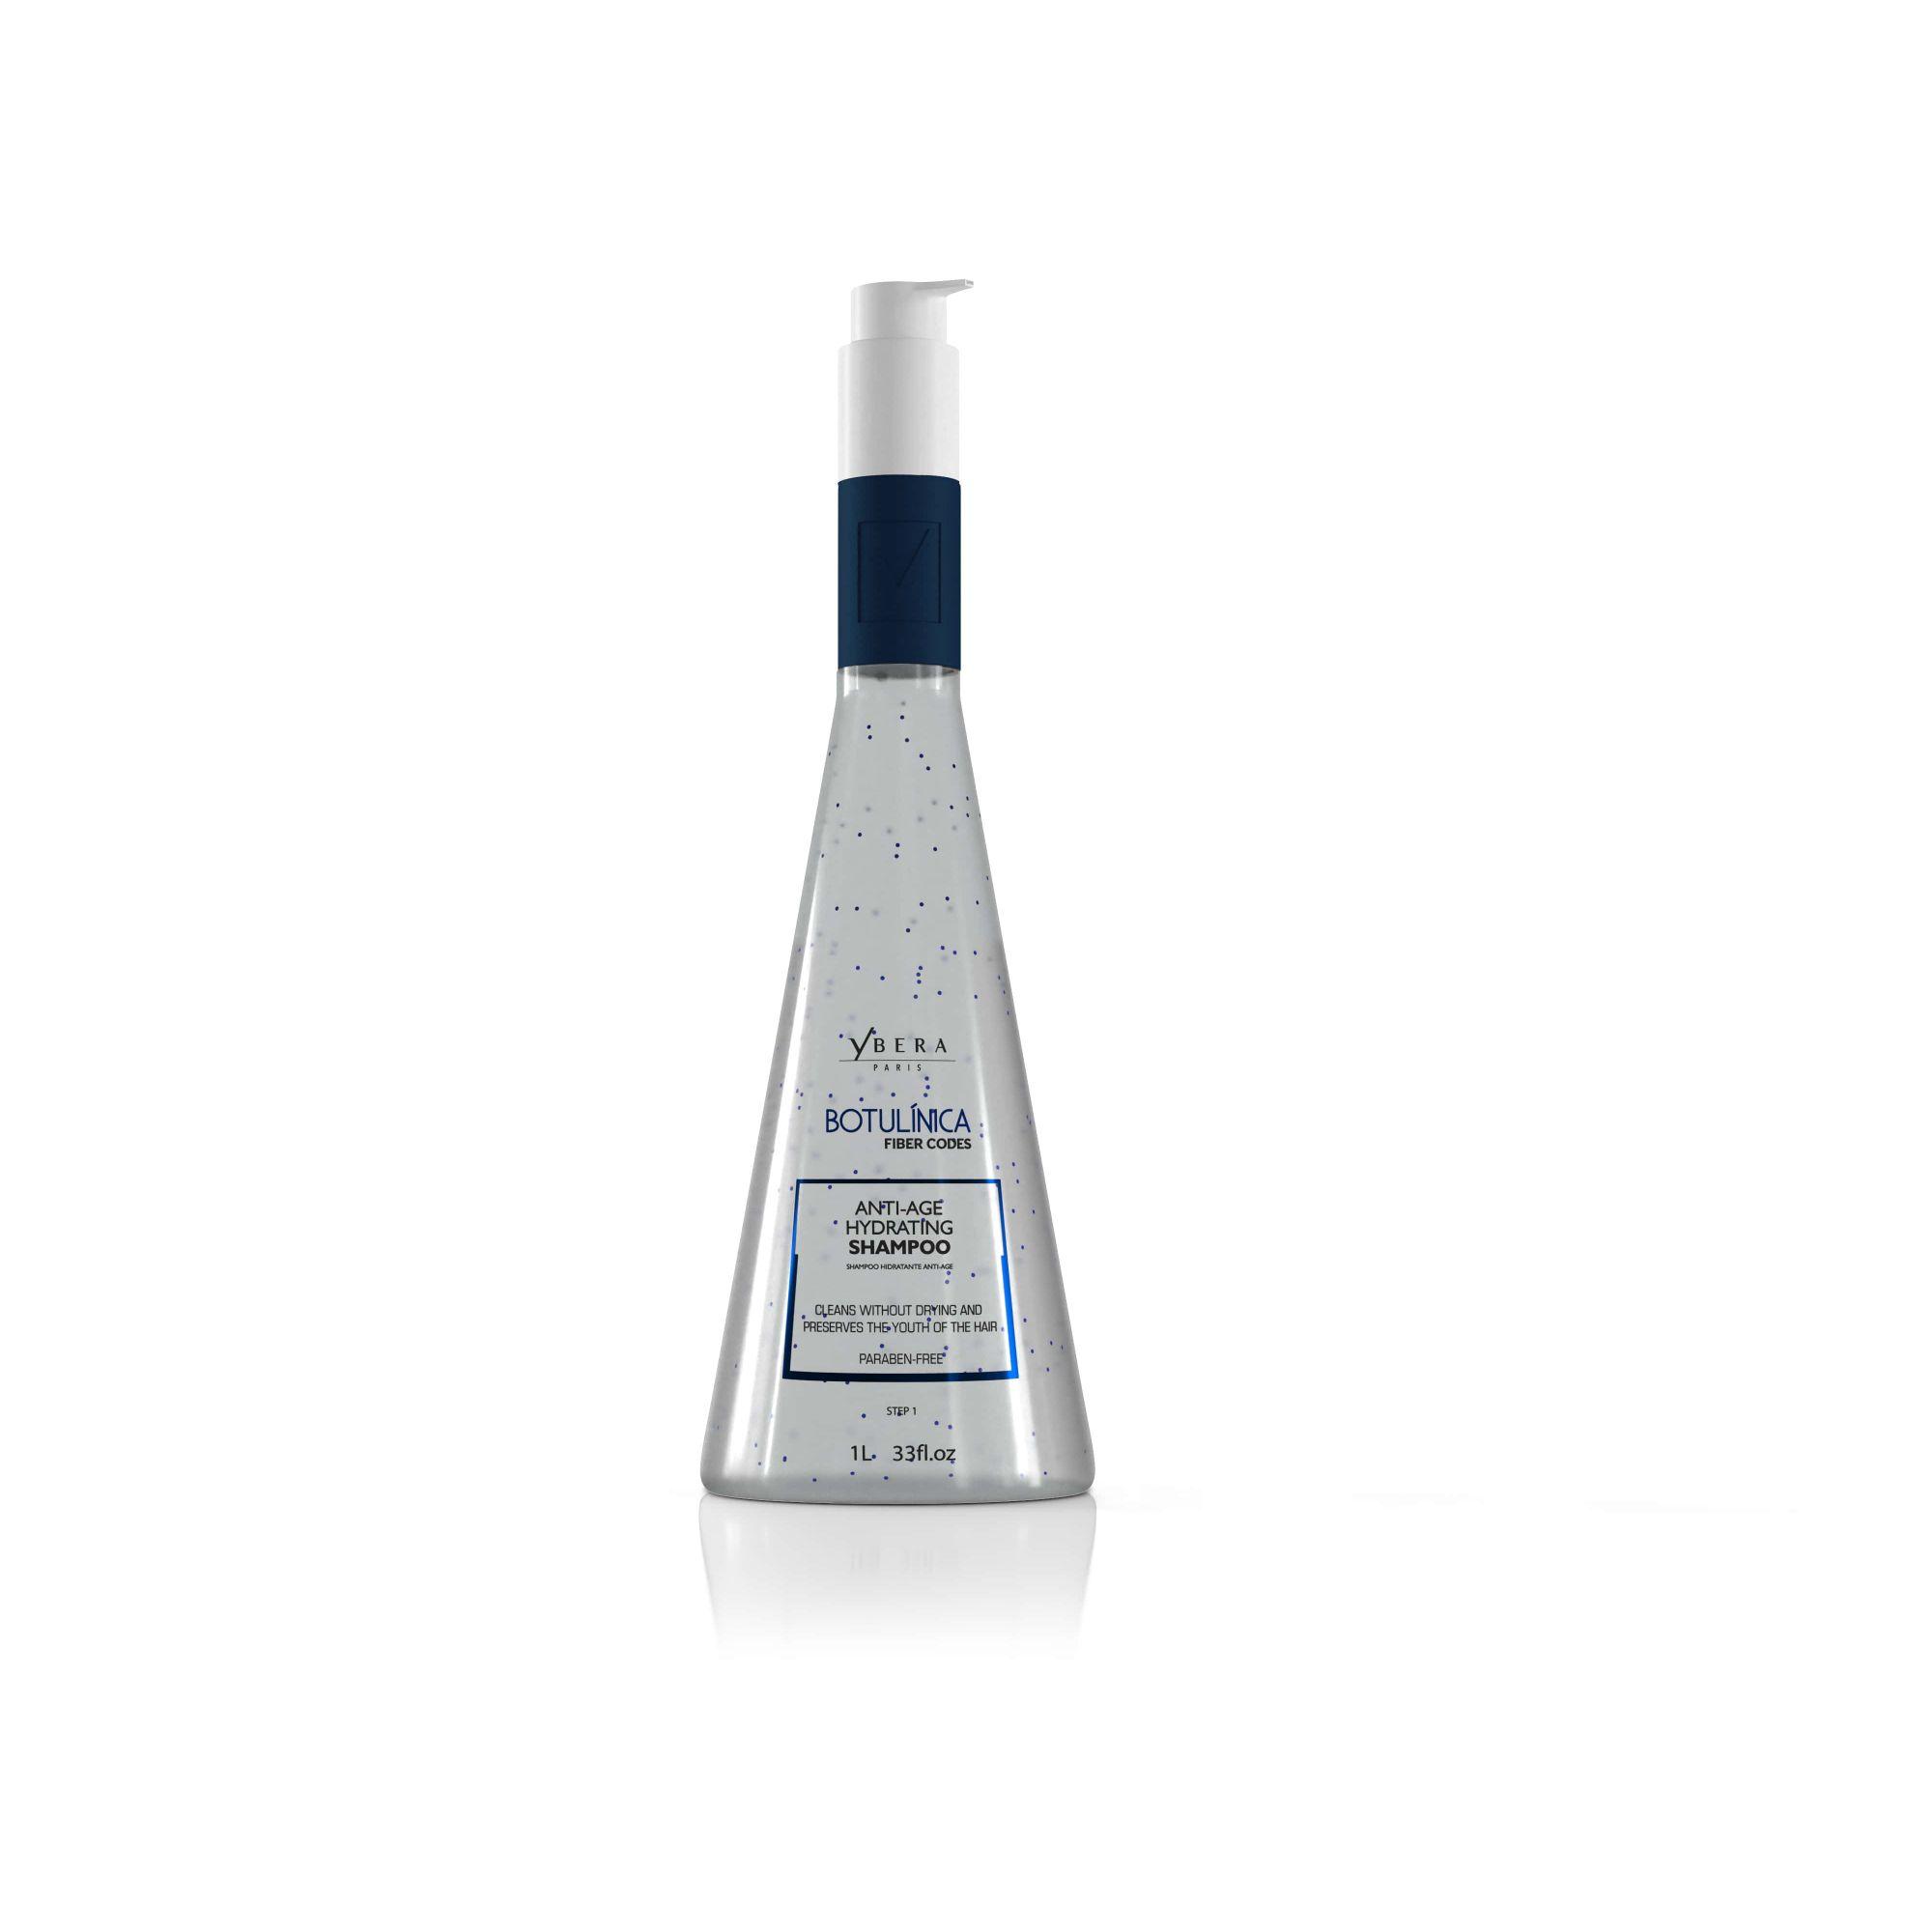 Shampoo Hidratante Anti-Age Botulinica 1L